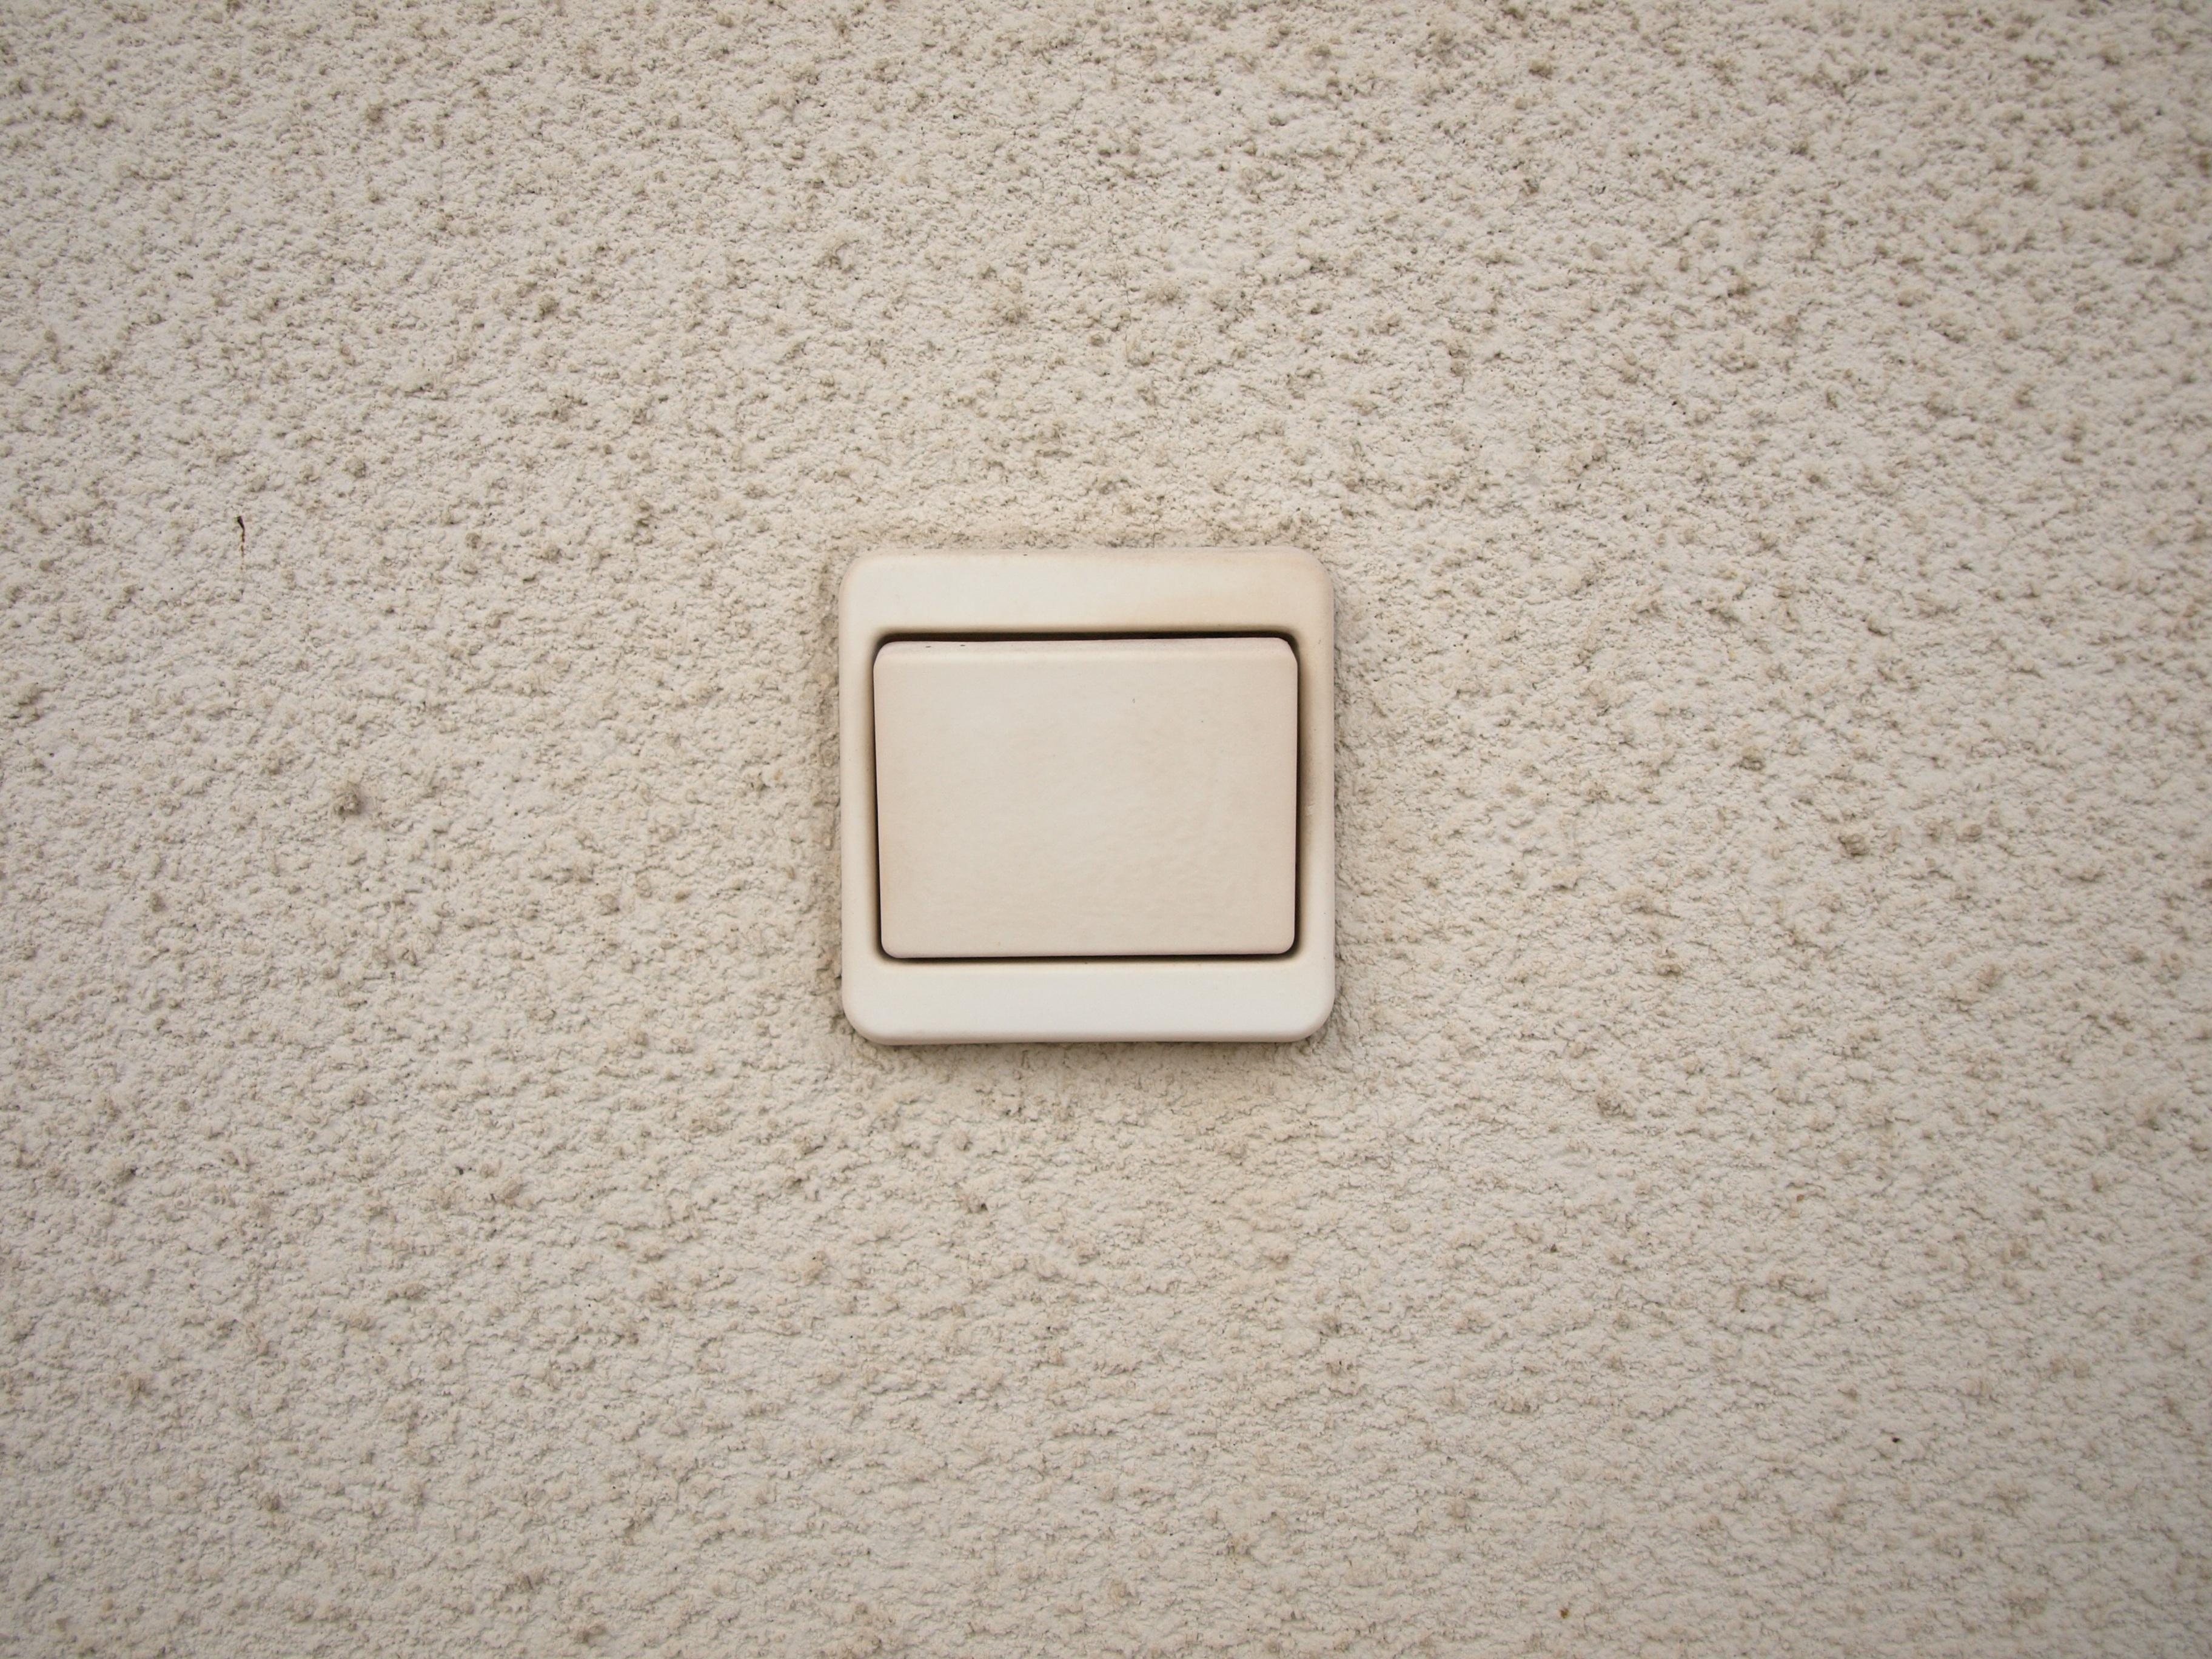 Interrupteurs–Variateurs-Intensité - Interrupteurs–Variateurs-Intensité-02.jpg